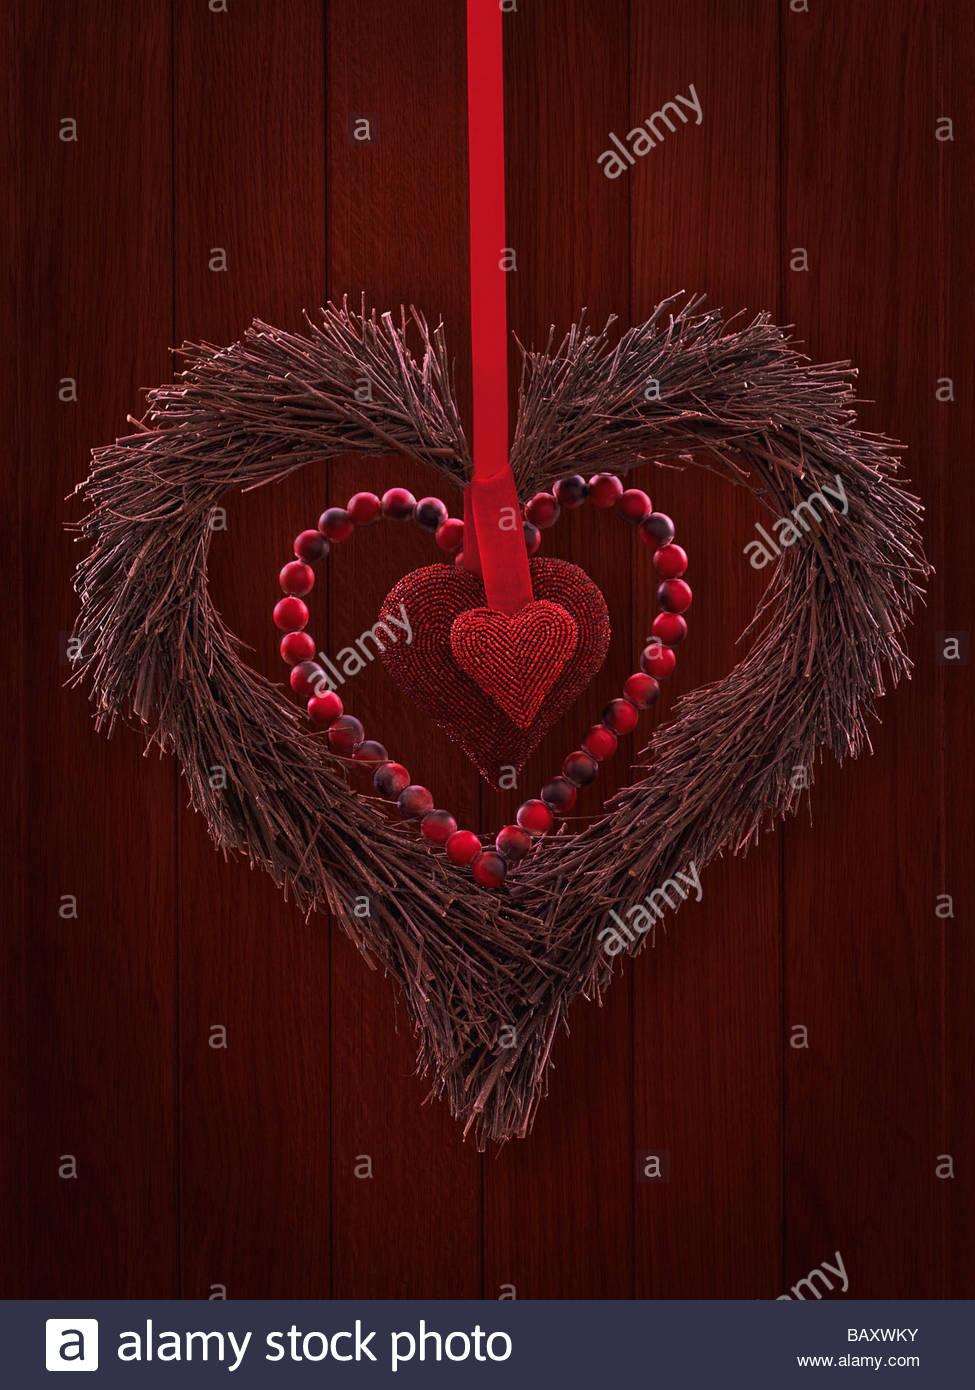 Red heart wreath hanging on door - Stock Image